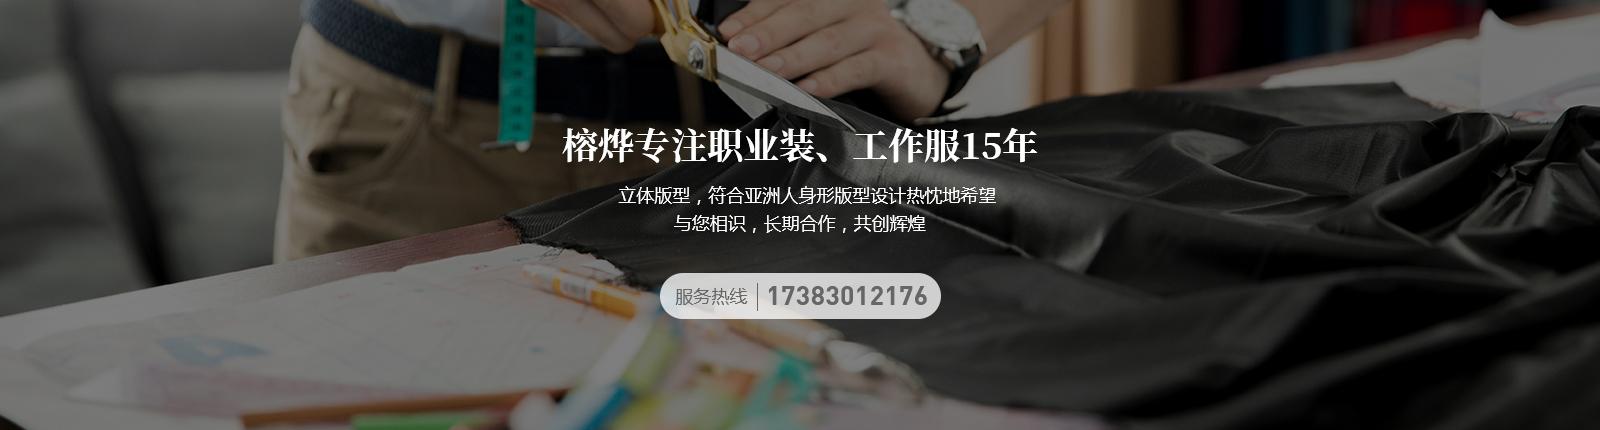 重庆工作服定制厂家